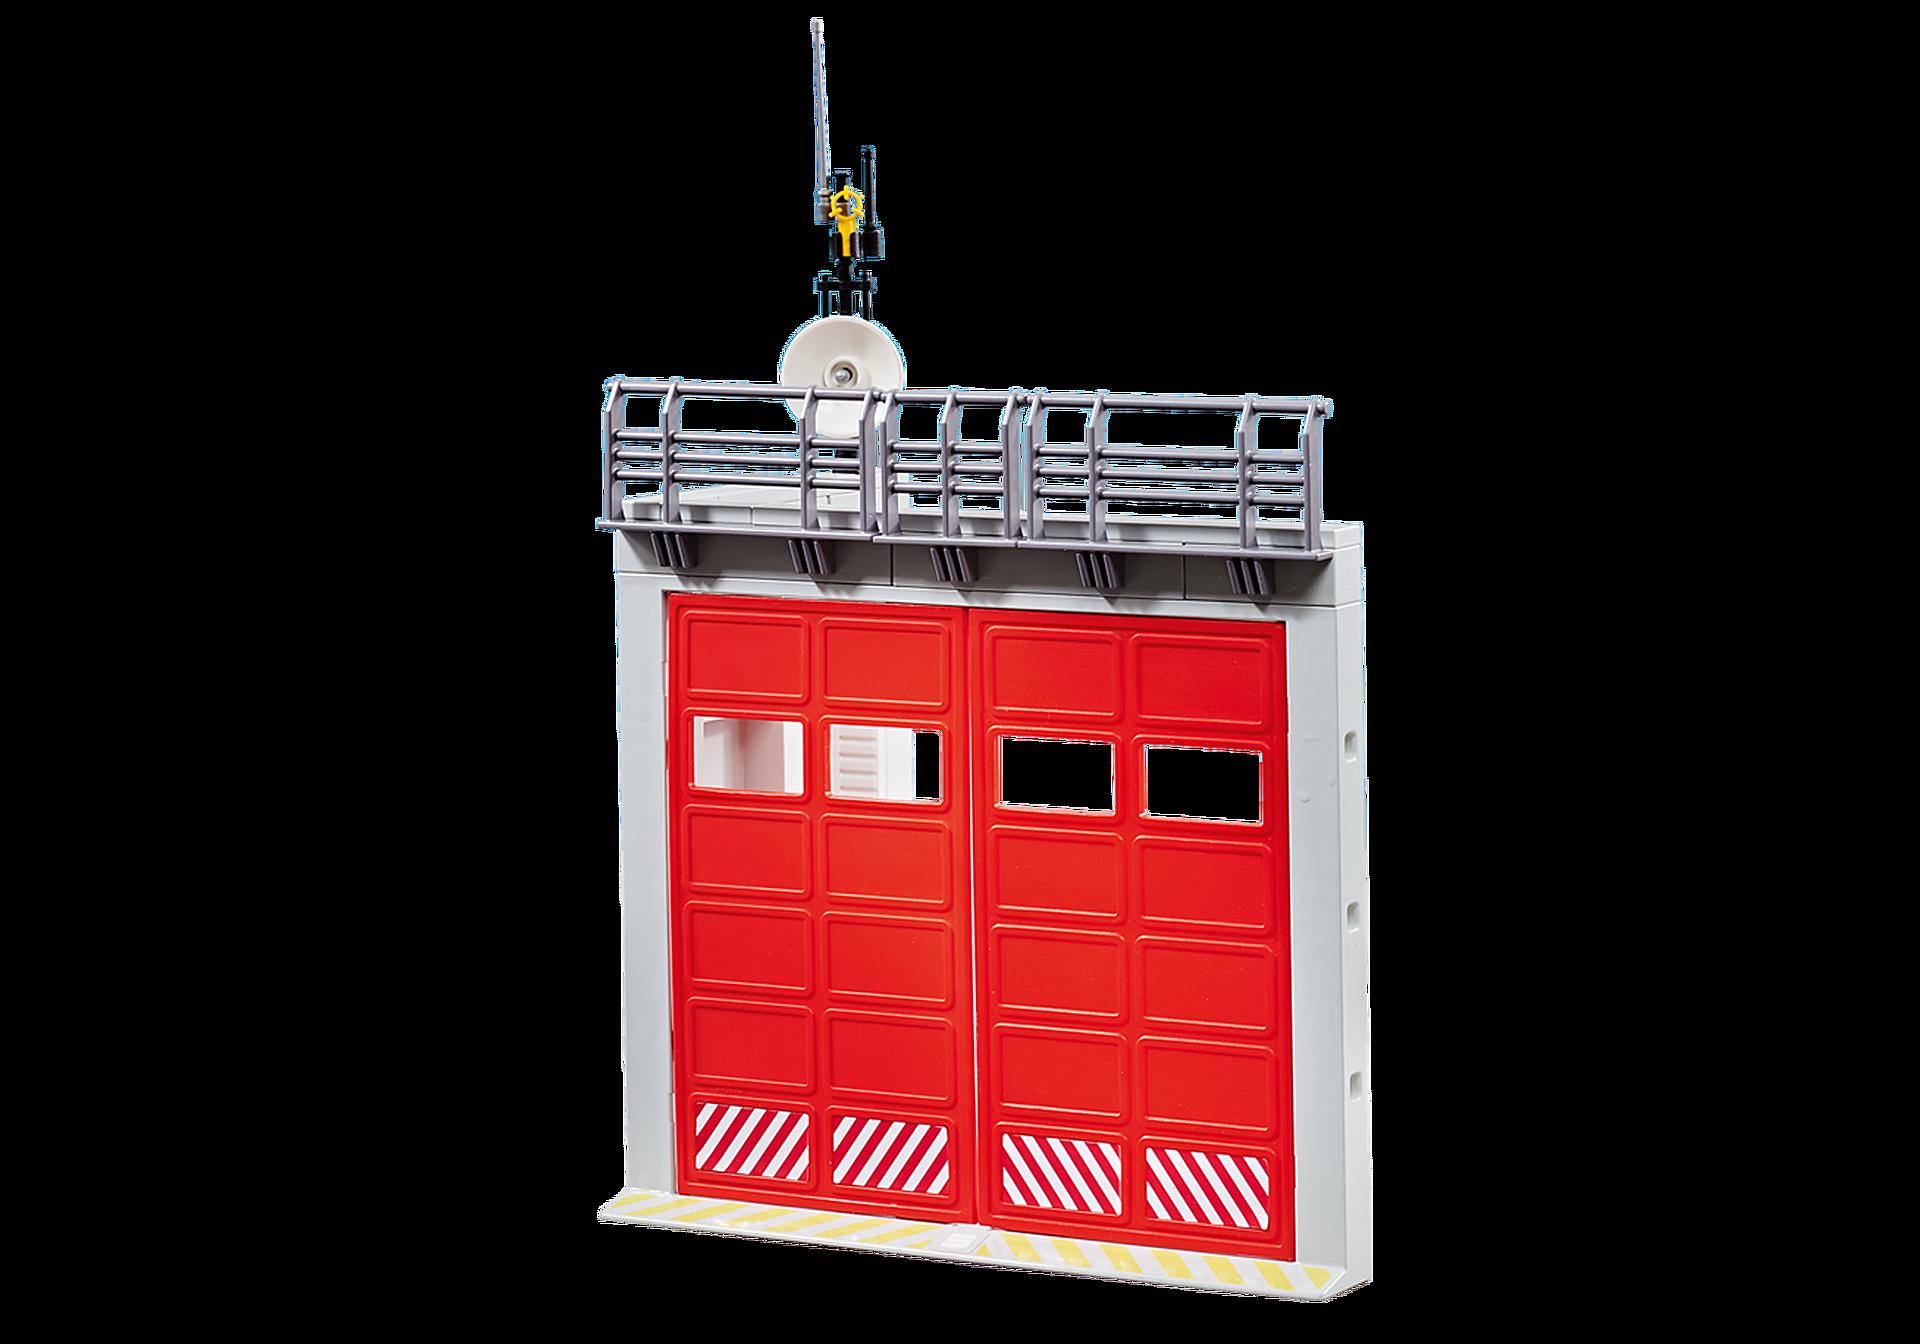 9803 Extra standplaats voor de grote brandweerkazerne 9462 zoom image1